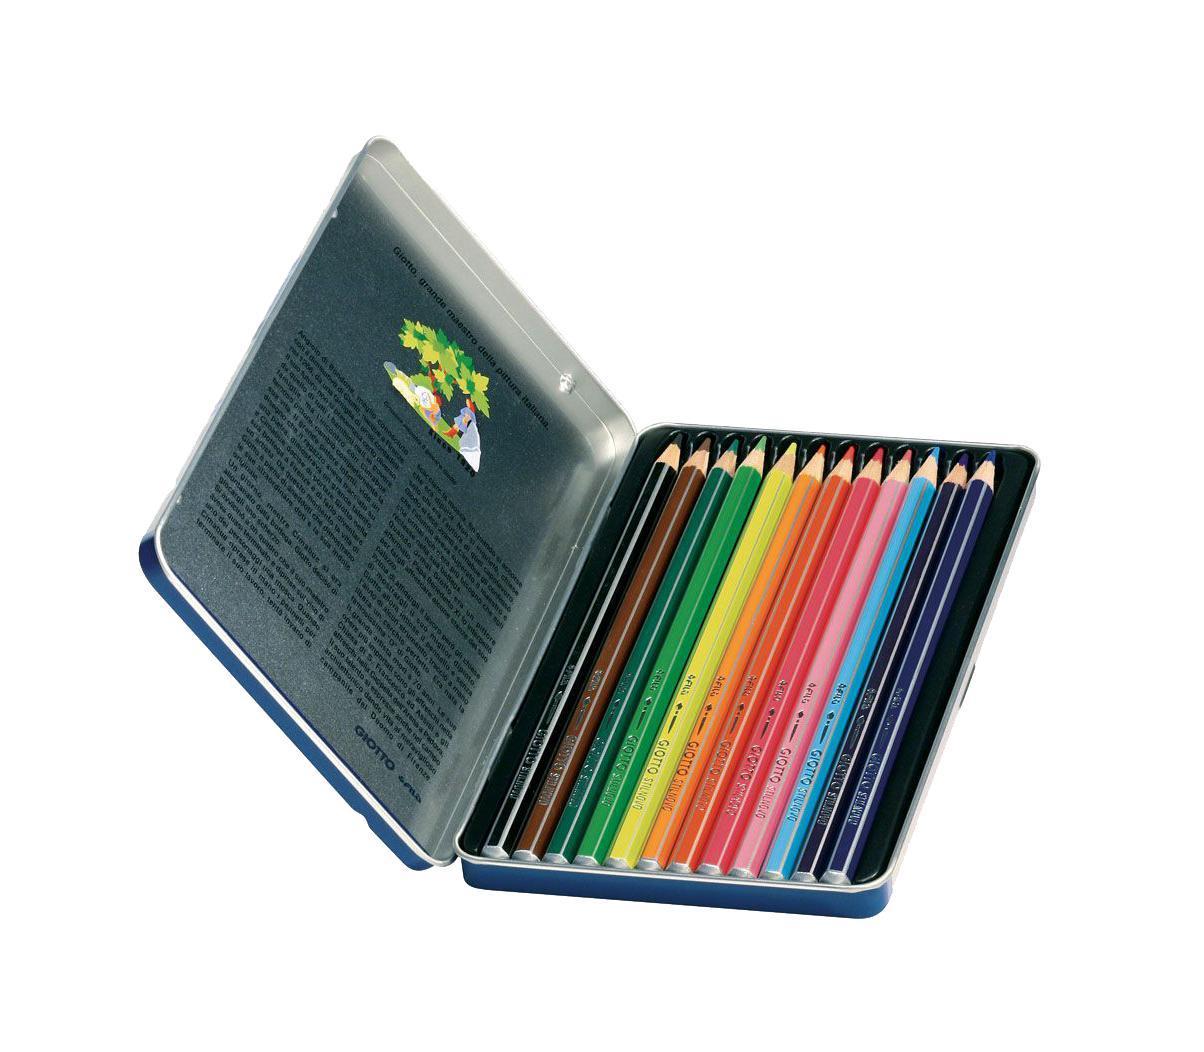 Цветные карандаши Giotto Stilnovo Acquarell,металлической упаковке, 12 цвета256200 От производителяЦветные карандаши Glotto Stilnovo Acquarell непременно, понравятся вашему юному художнику. Набор включает в себя 12 ярких насыщенных акварельных цветных карандаша гексагональной формы с серебряным нанесением по ребру грани. Идеально подходят для школы. Карандаши изготовлены из сертифицированного дерева, экологически чистые, имеют прочный неломающийся грифель, не требующий сильного нажатия и легко затачиваются. На рубашке карандаша имеется место для нанесения имени. Порадуйте своего ребенка таким восхитительным подарком! Набор упакован в удобную металлическую коробку.Цветные карандаши Glotto Stilnovo Acquarell непременно, понравятся вашему юному художнику. Набор включает в себя 12 ярких насыщенных акварельных цветных карандаша гексагональной формы с серебряным нанесением по ребру грани. Идеально подходят для школы. Карандаши изготовлены из сертифицированного дерева, экологически чистые, имеют прочный неломающийся грифель, не требующий сильного нажатия и легко затачиваются. На рубашке карандаша имеется место для нанесения имени. Порадуйте своего ребенка таким восхитительным подарком! Набор упакован в удобную металлическую коробку. Характеристики:Материал:дерево, грифель. Диаметр карандаша:0,7 см. Длина карандаша:18 см. Размер упаковки:18,5 см х 11 см х 1 см. Изготовитель:Китай.